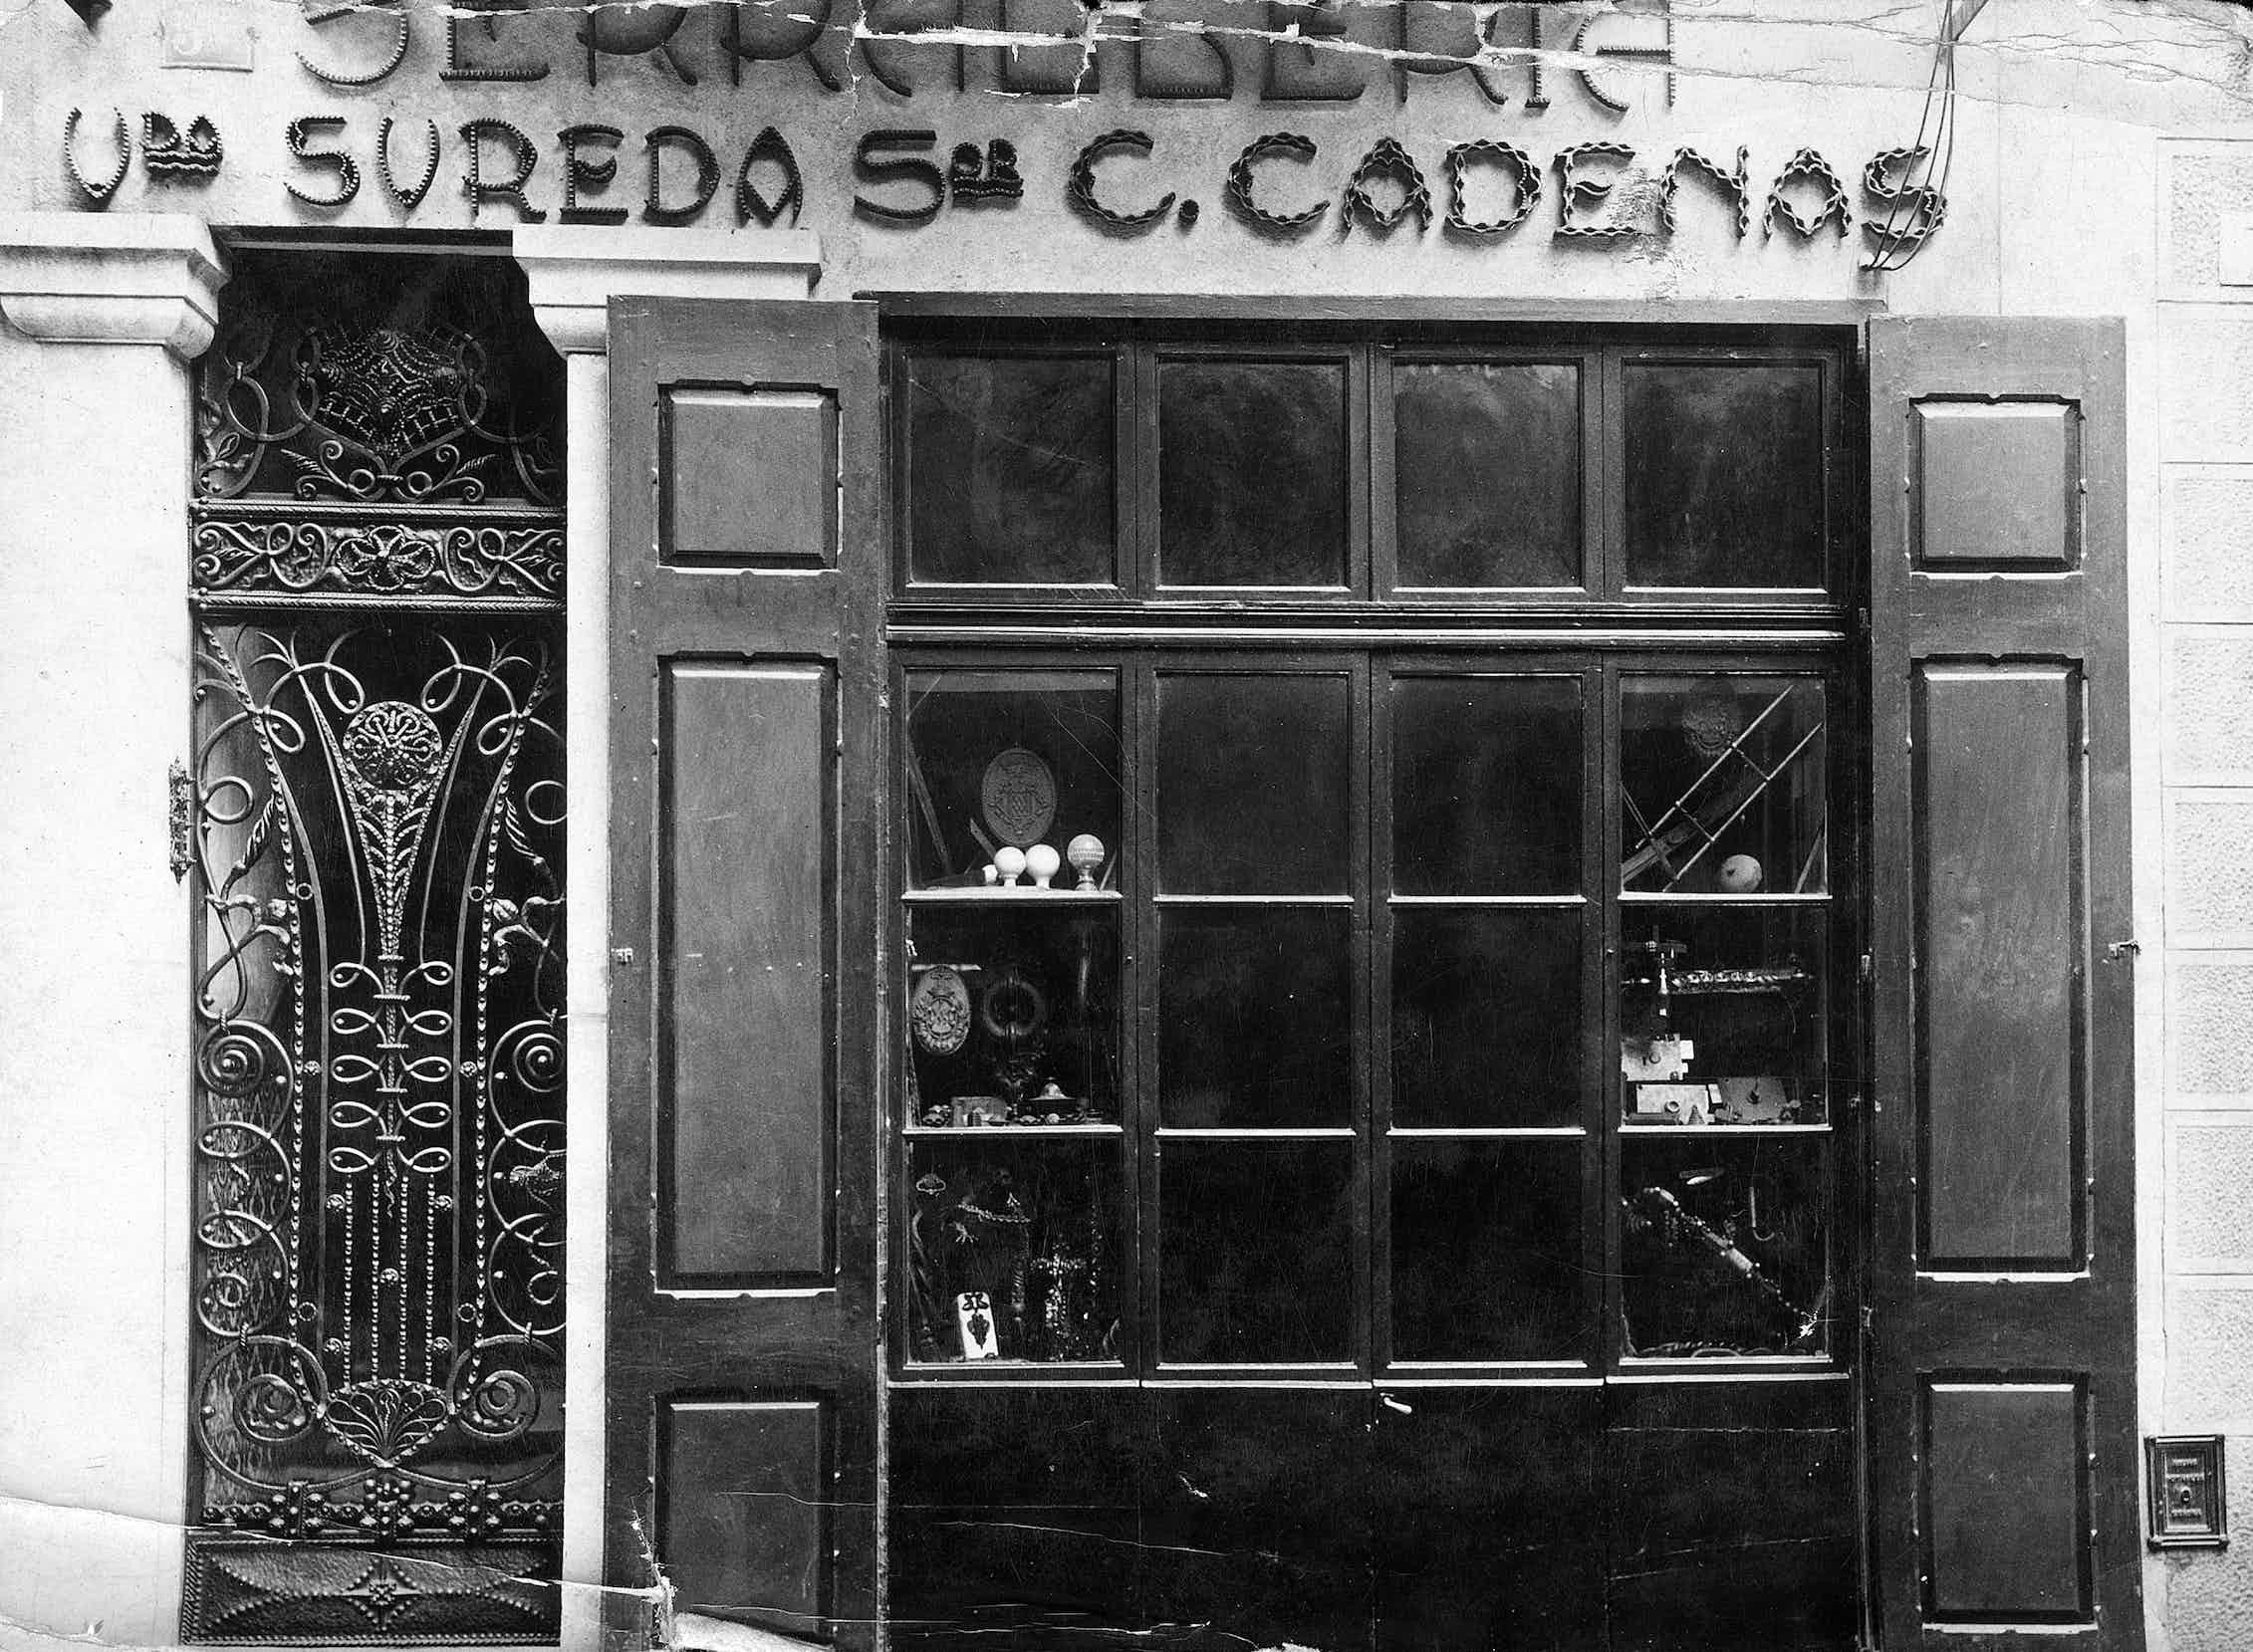 Fachada del establecimiento de orfebrería Viuda de Sureda / Señor C. Cadenas de Girona.Ajuntament de Girona. CRDI (Autor desconocido)